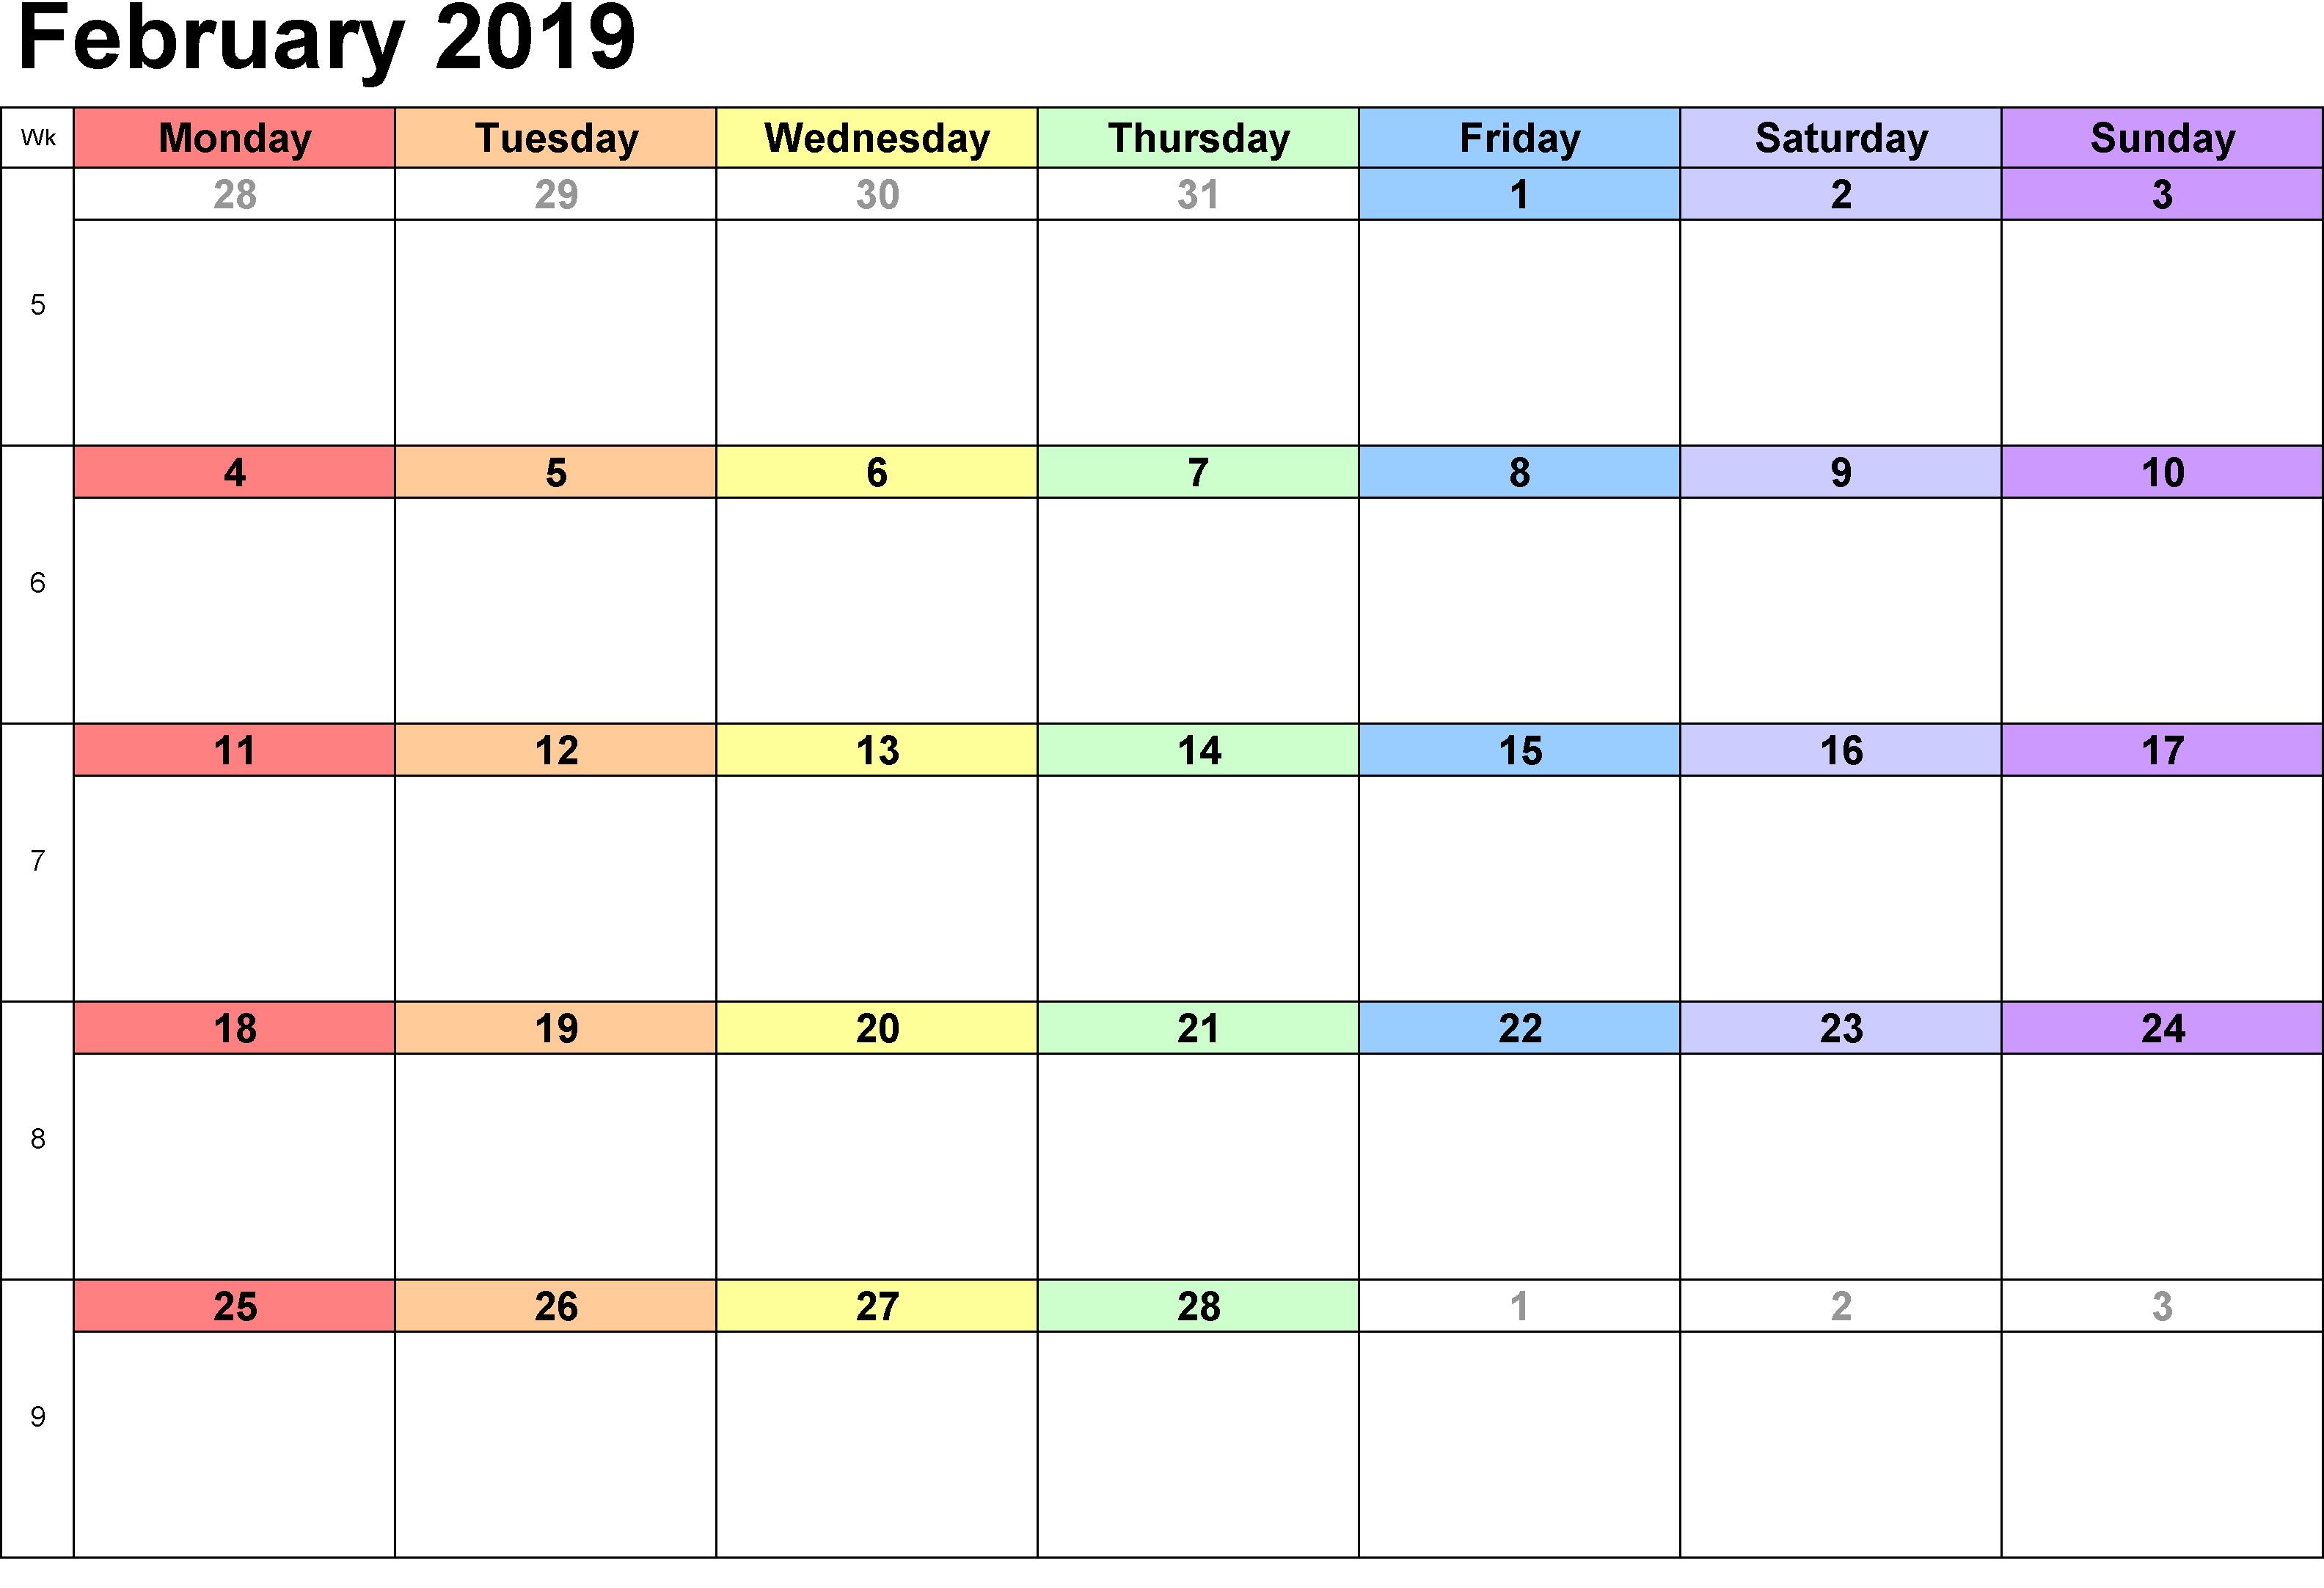 February Calendar 2019 Excel